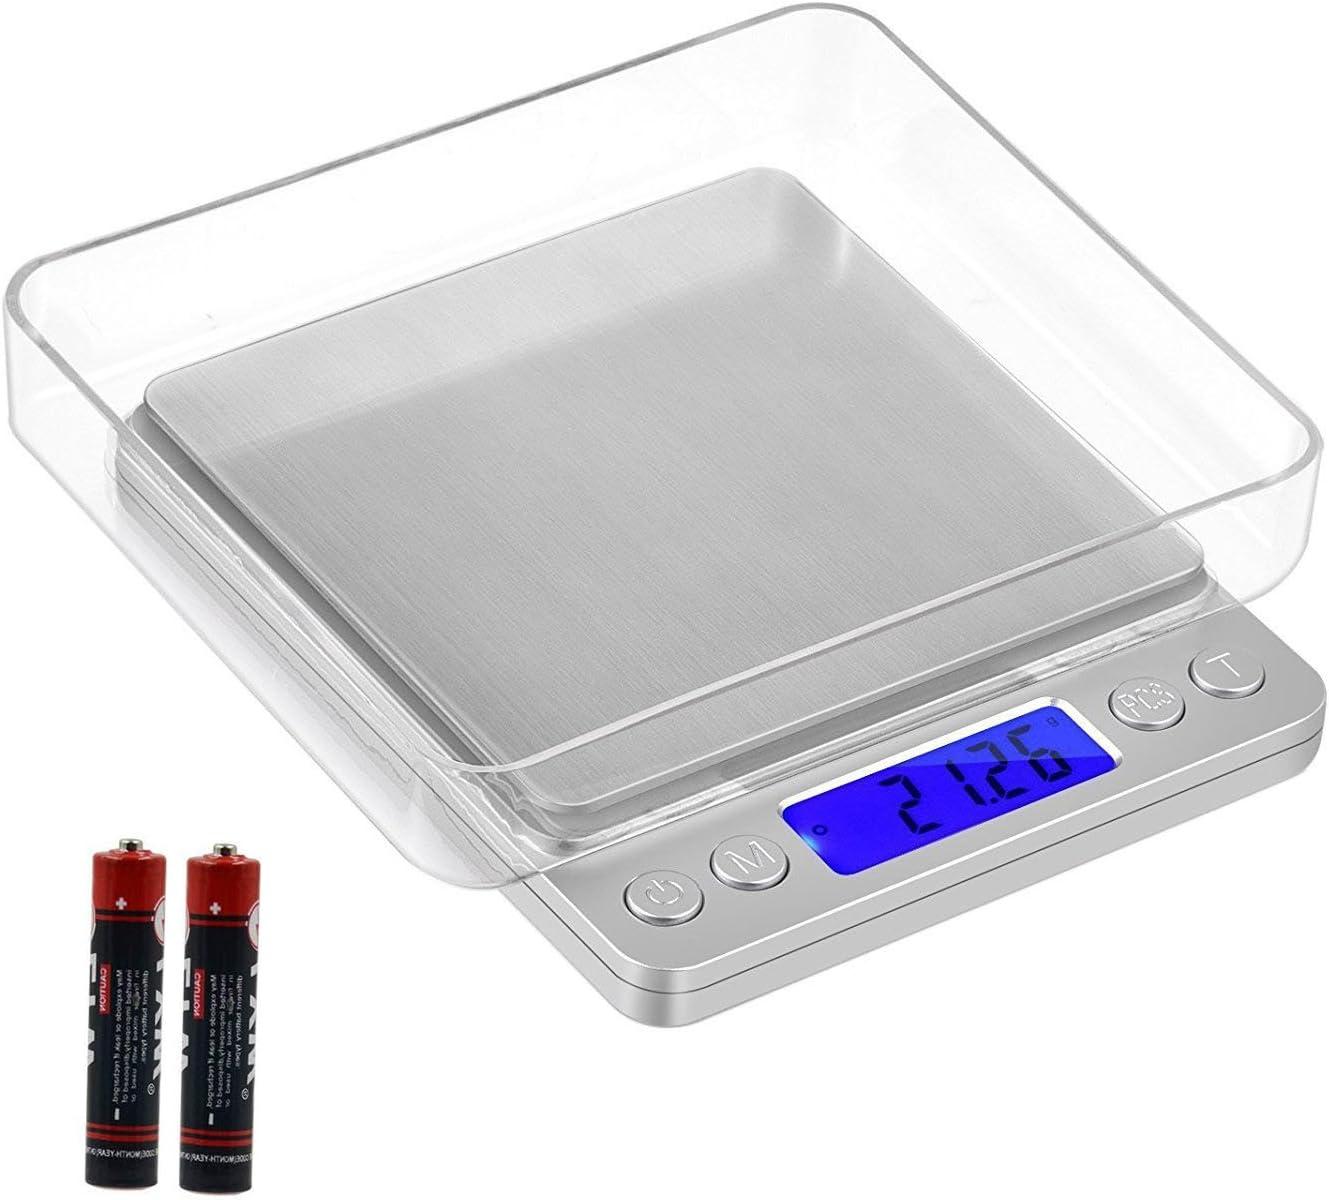 G/&G Balance digitale LS pour la cuisine ou les /échanges de monnaie Surface de pes/ée extra large 200 g x 0,01 g avec poids de calibrage